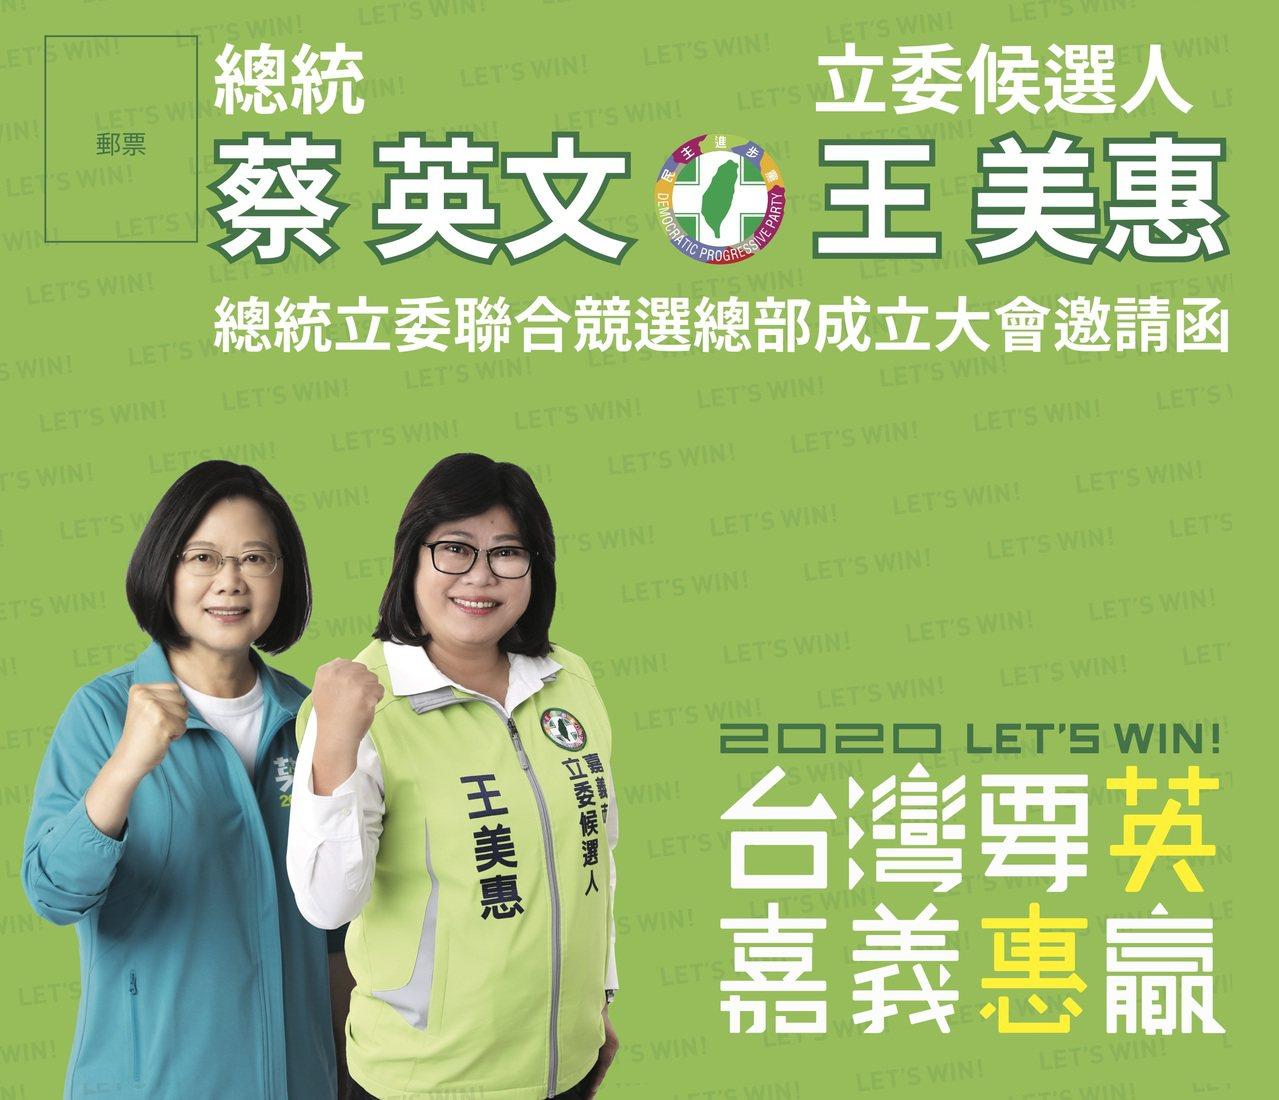 蔡英文總統明天將在嘉義縣市為立委候選人造勢。圖/民進黨立委候選人王美惠提供